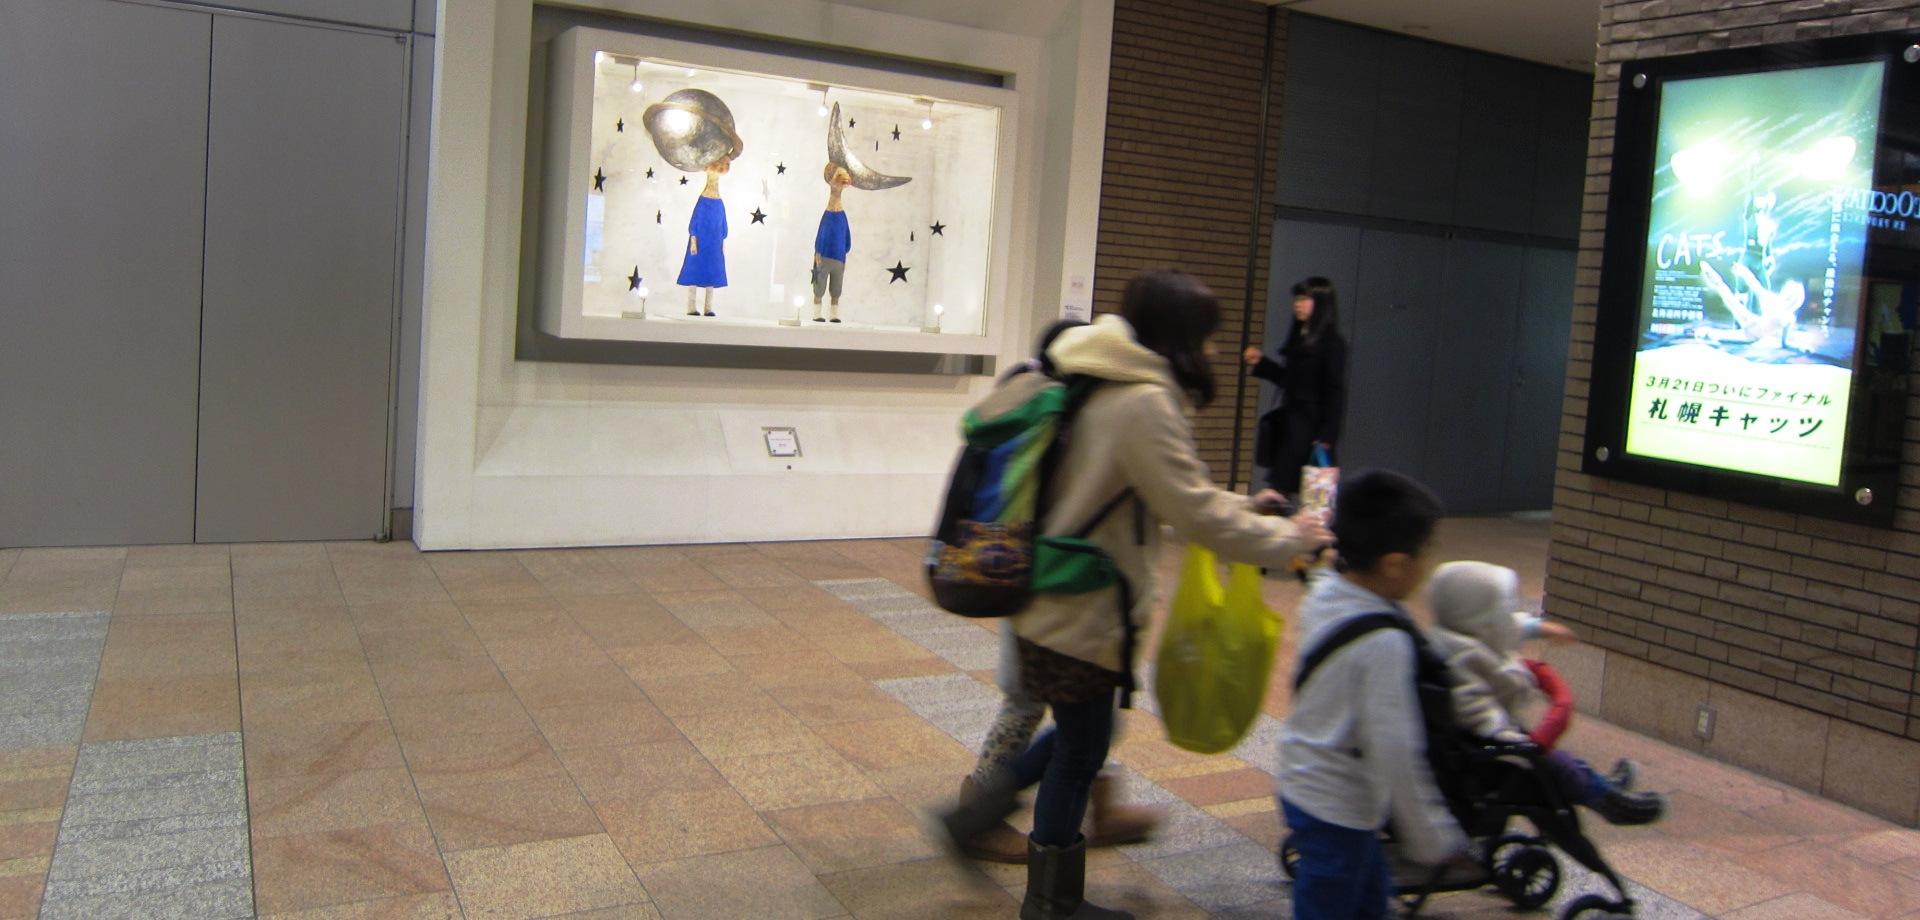 2485)「経塚真代造形作家)[見ているのか 見られているのか]」JRタワーARTBOX 12月1日(火)~2月29日(月_f0126829_0214737.jpg